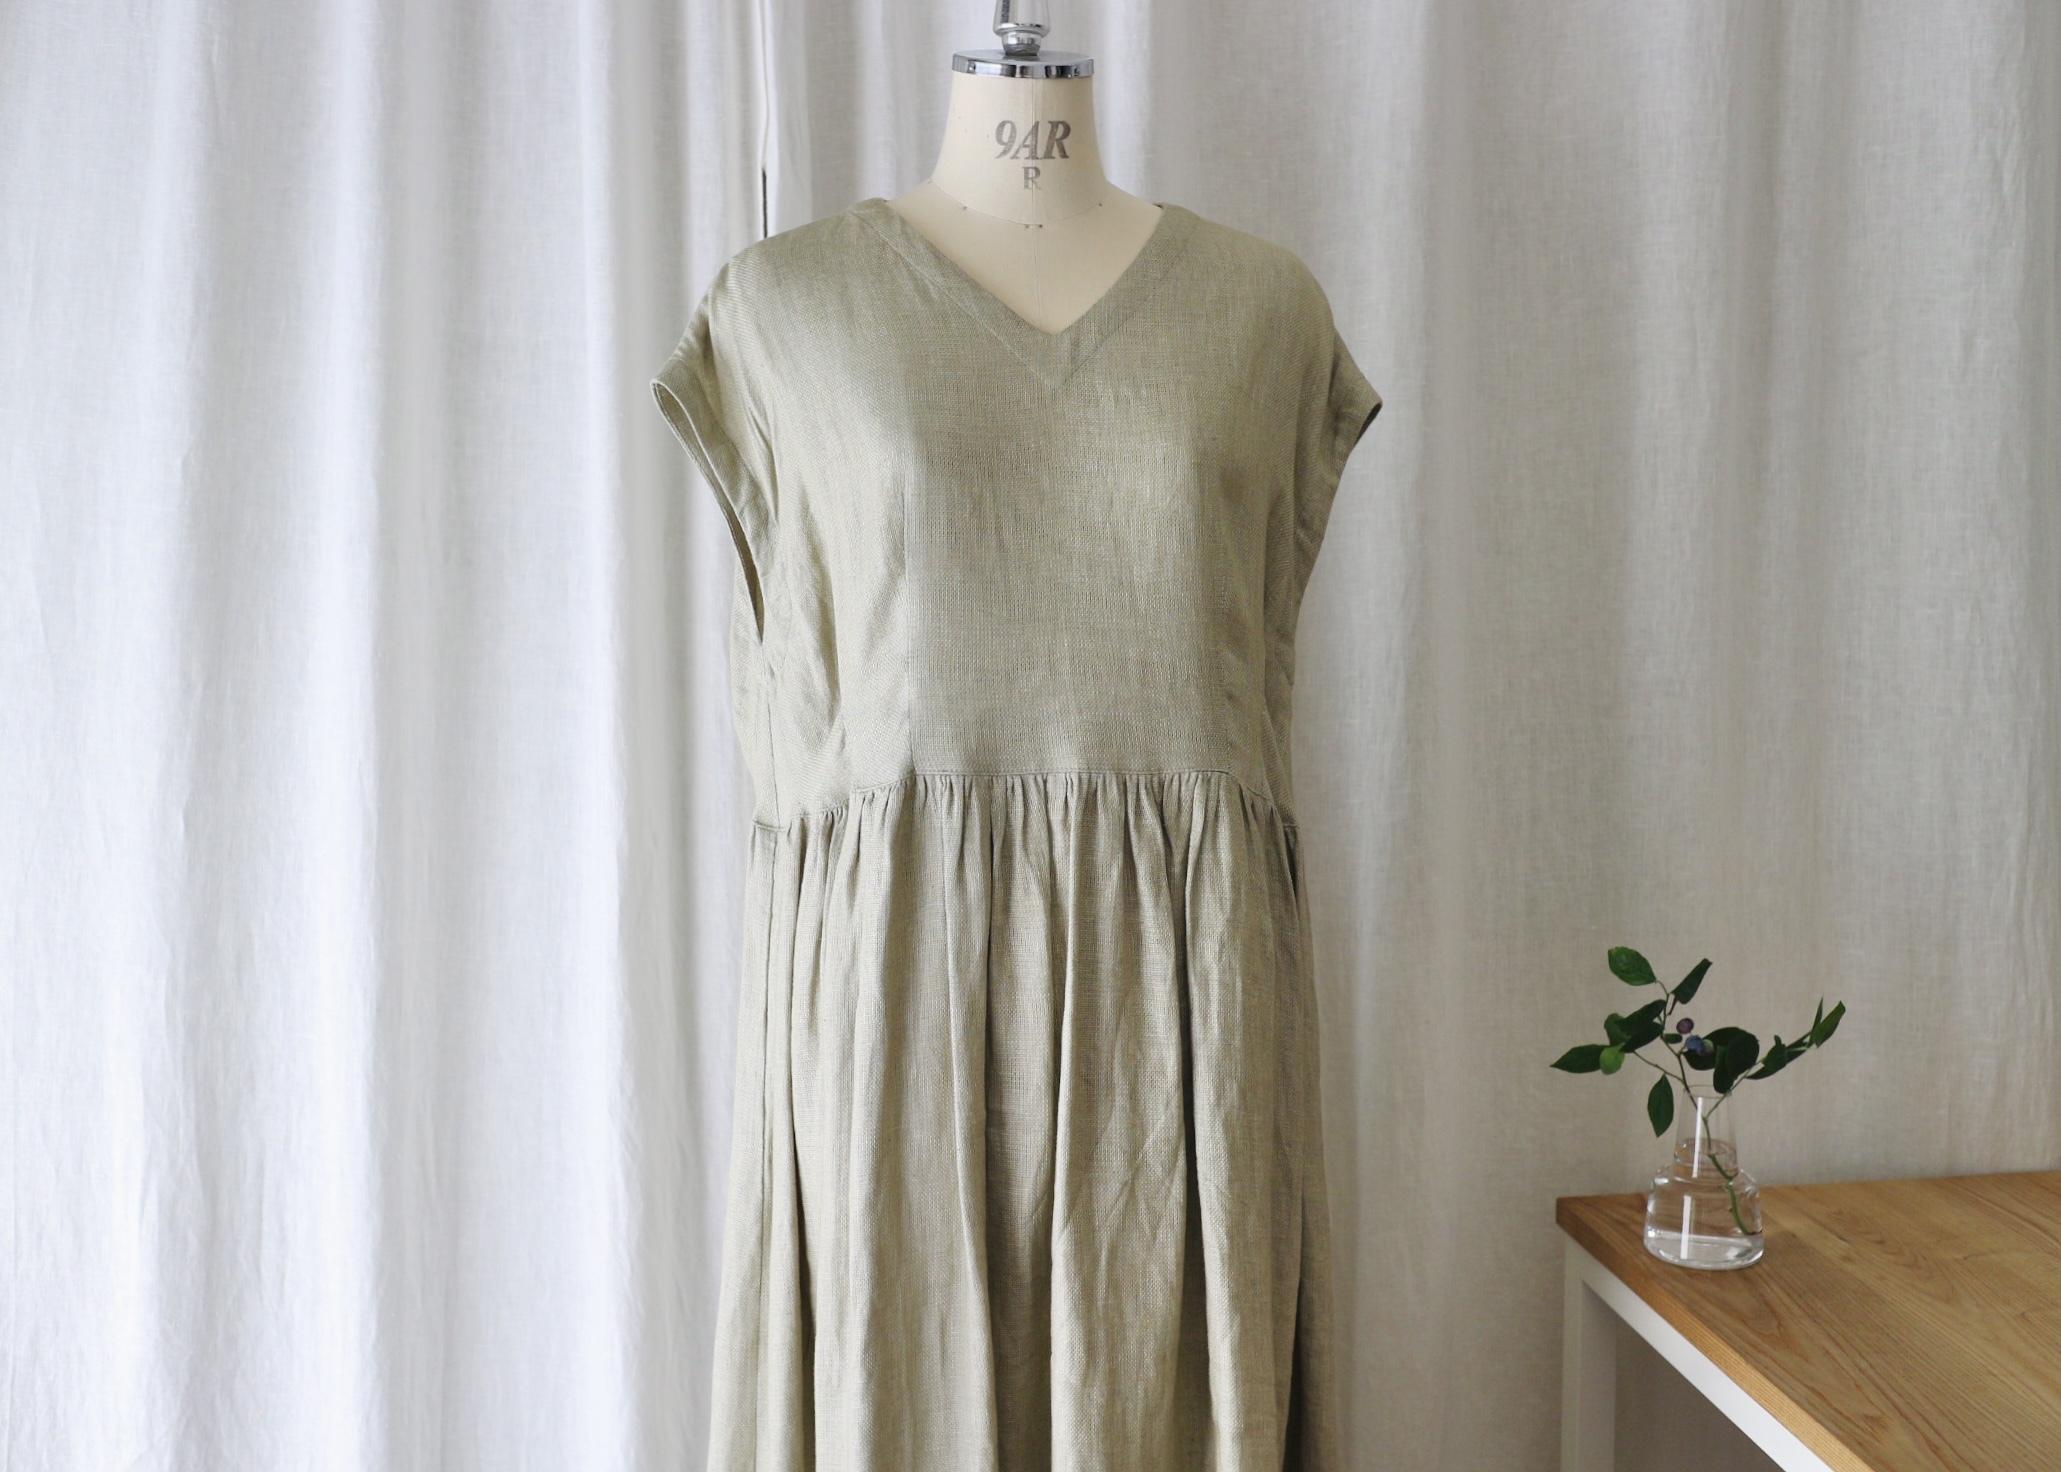 ゆったり着れてキレイに見えるフレンチスリーブタックギャザーワンピース(ニュアンスカーキ) リネン100%